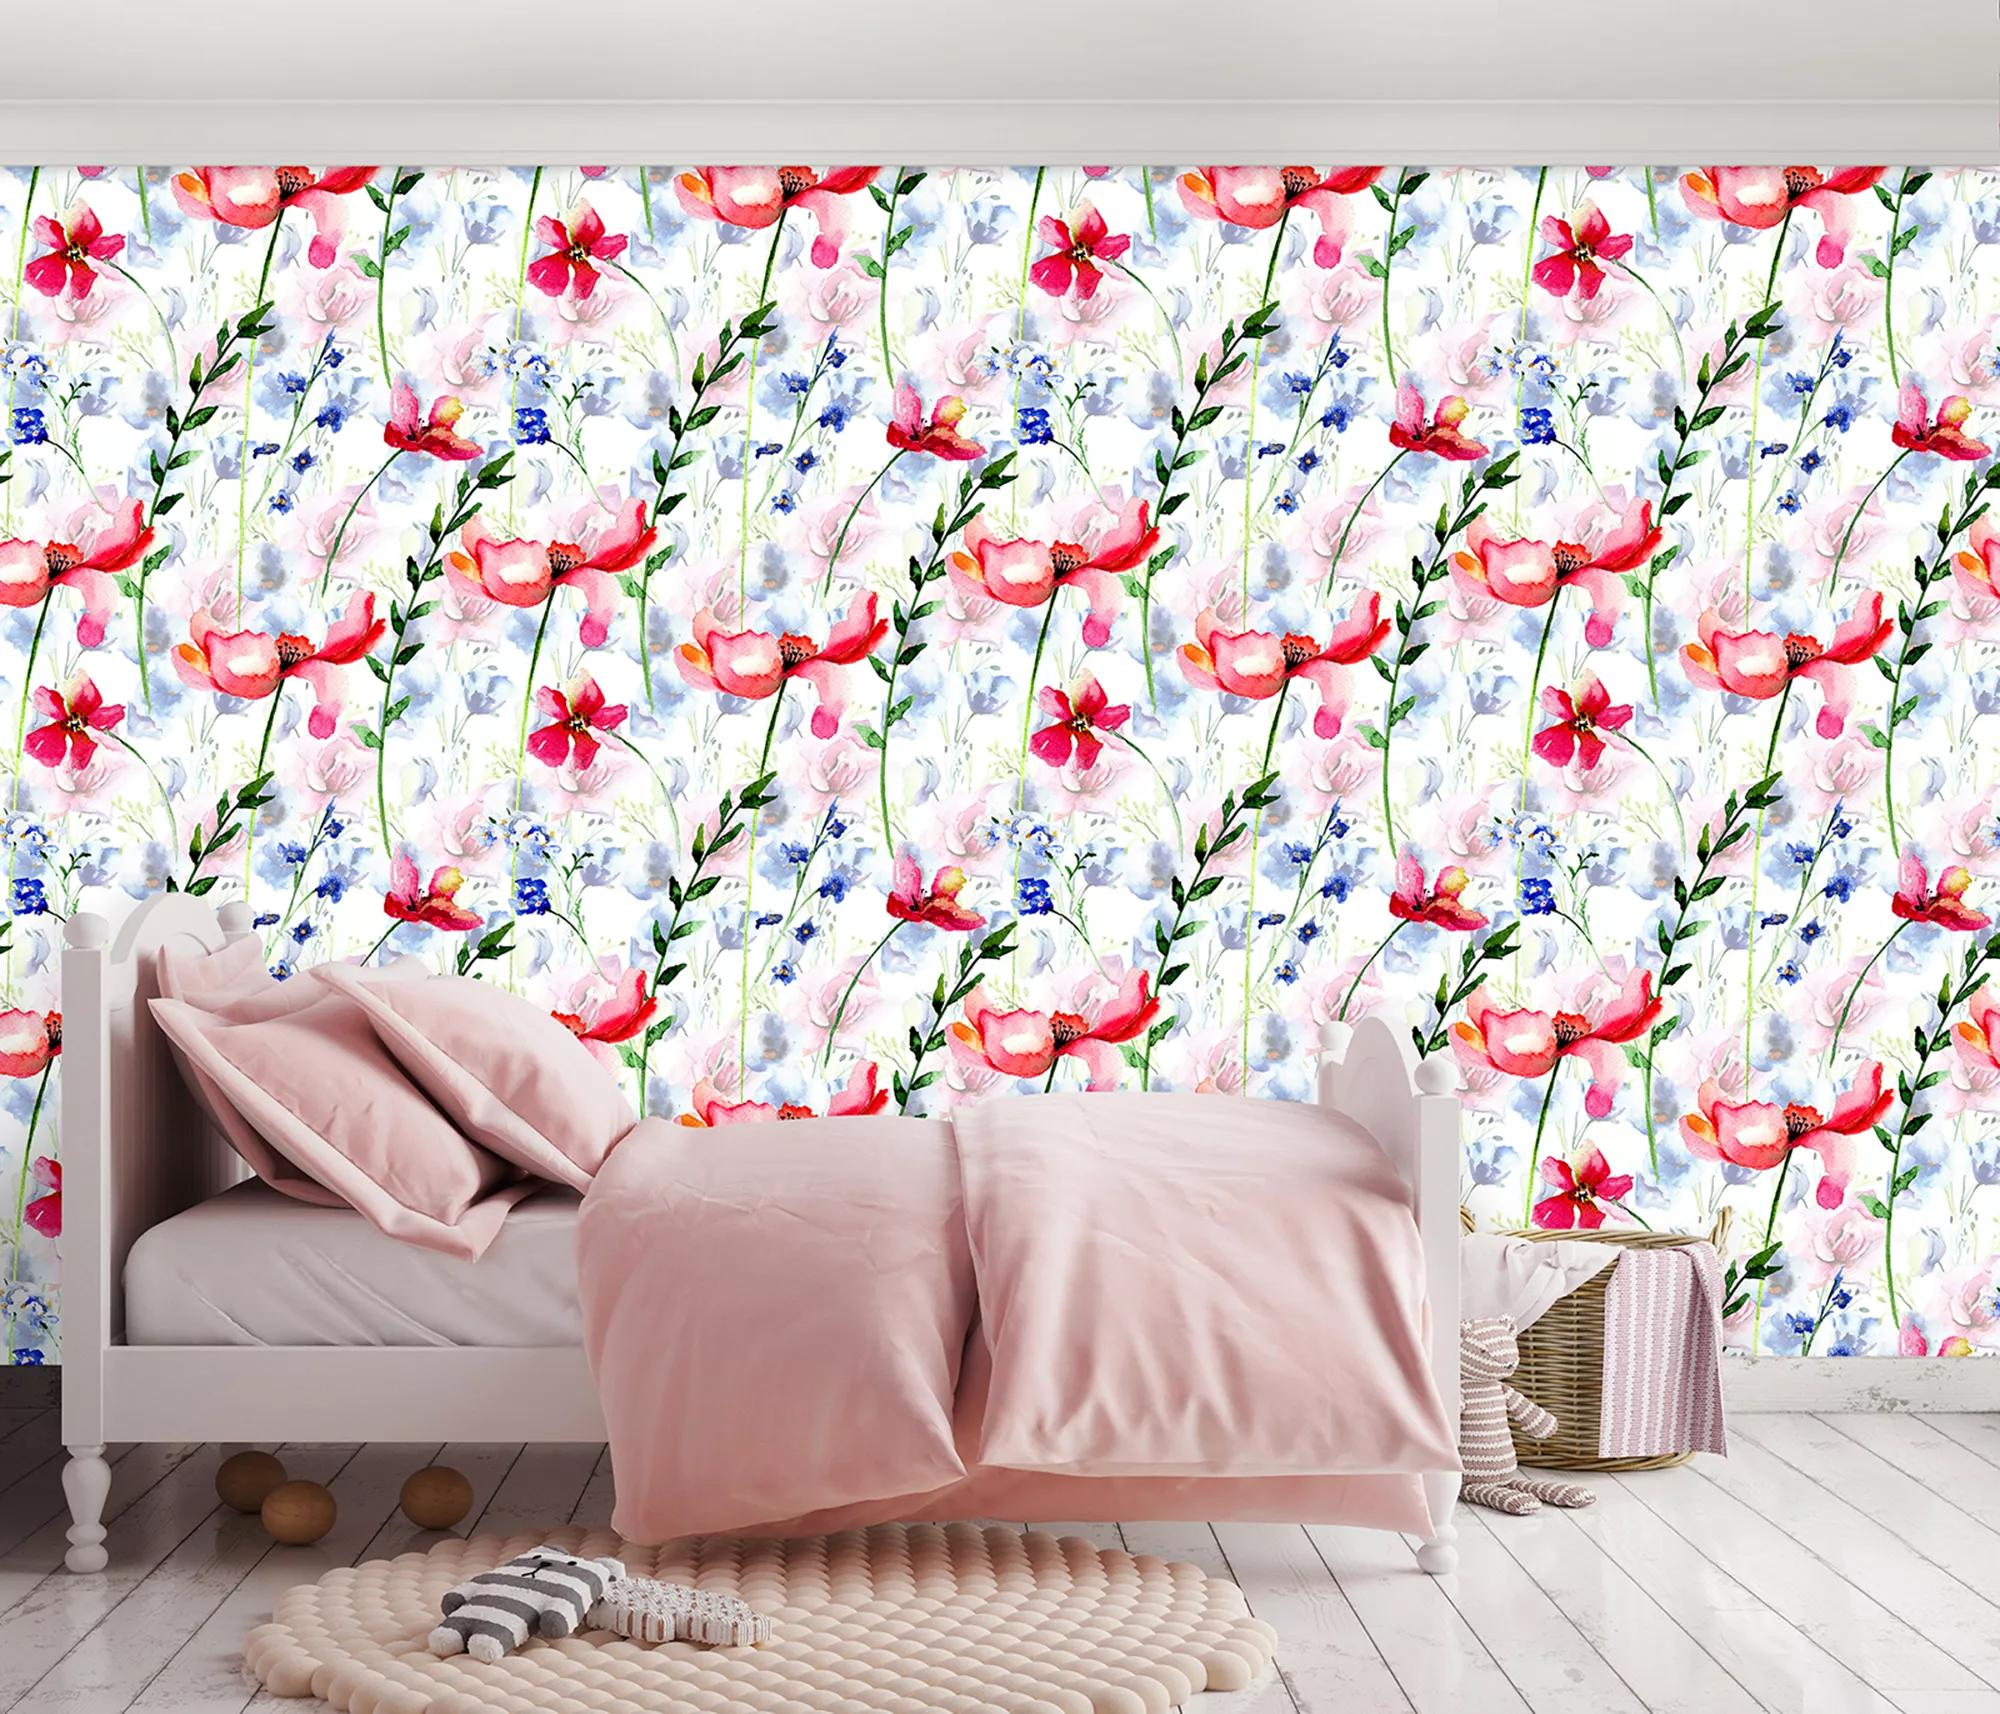 Színes virágmintás fali poszter pirosas színvilágban